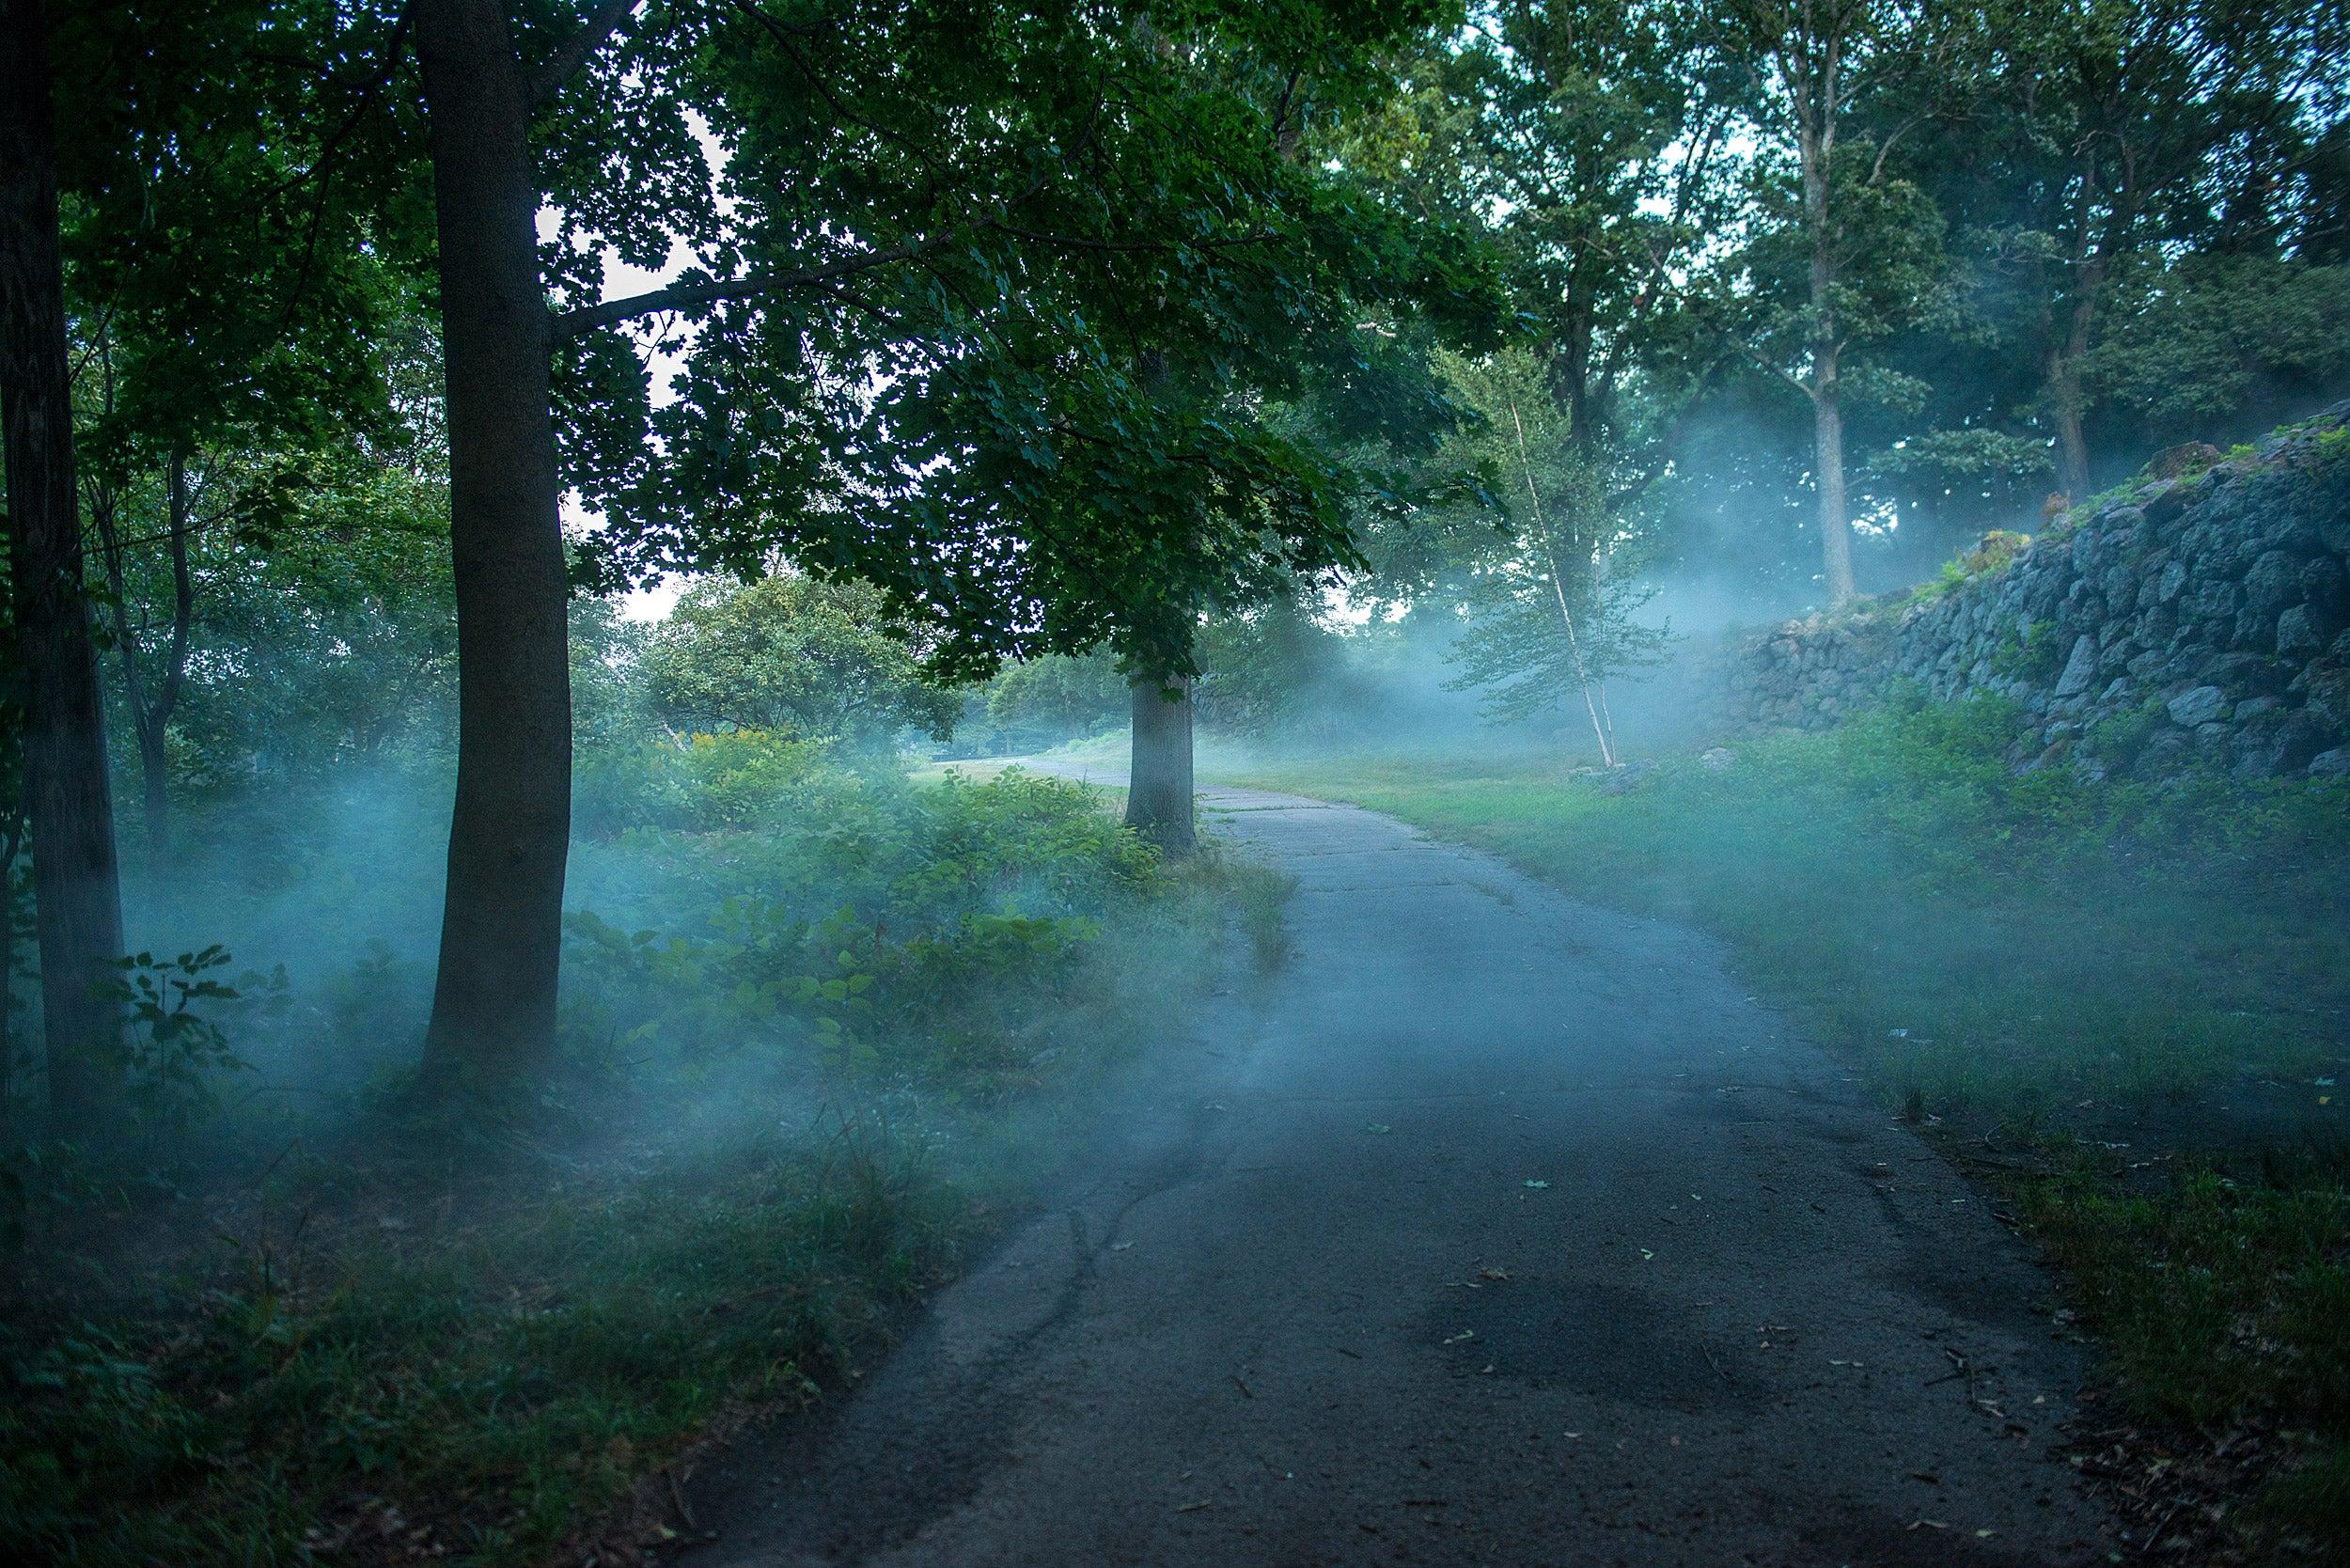 Fujiko Nakaya's Fog x Ruins at Franklin Park.